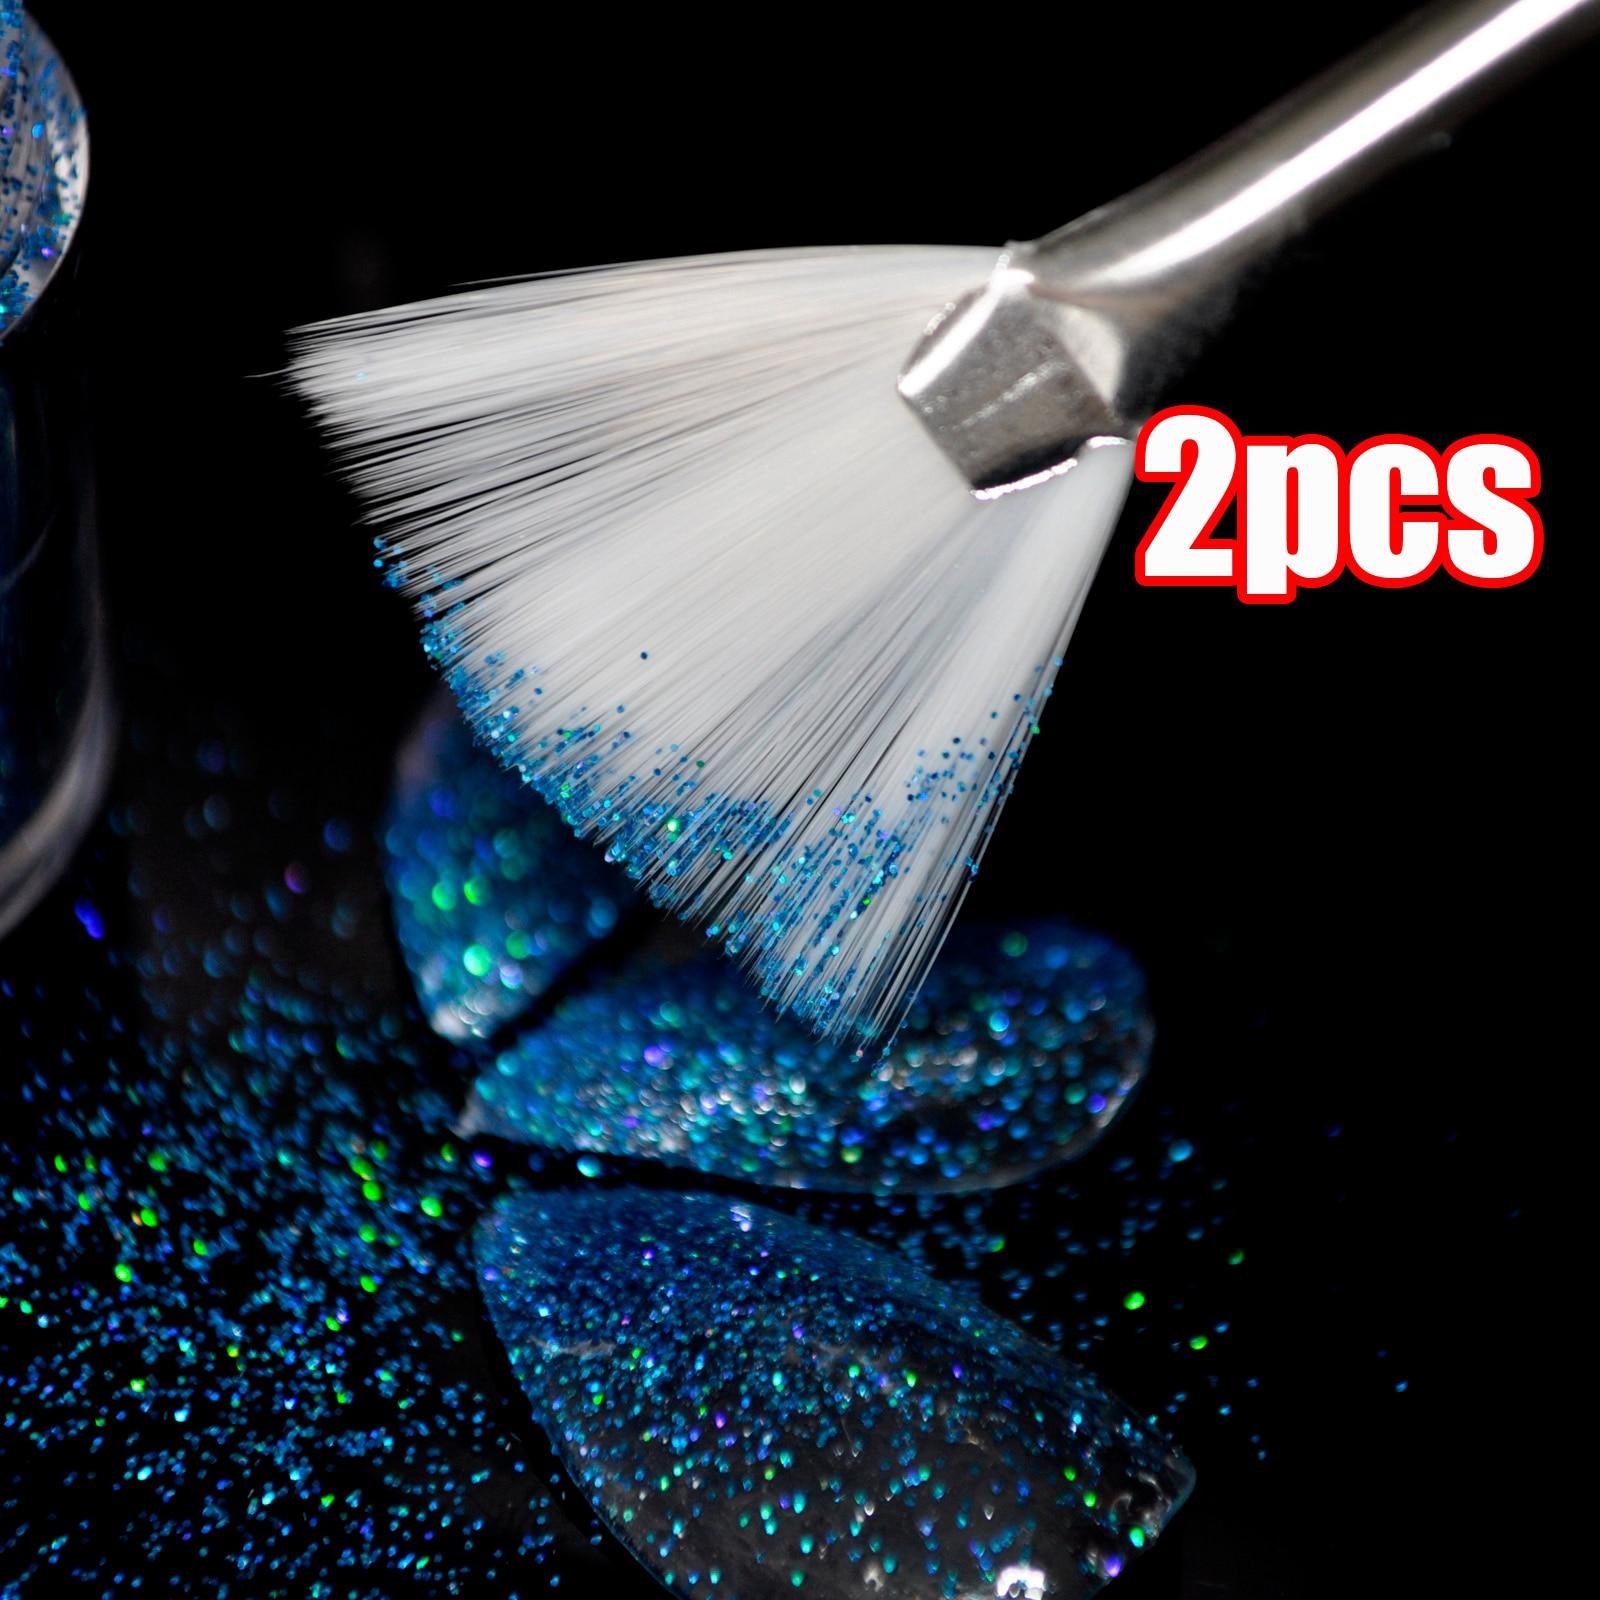 1 lot = 2 pcs Gra n UV Nail Glitter Powder Brush Fan Bentuk Nail Art Pen Desain Acrylic Painting Menggambar sikat B04